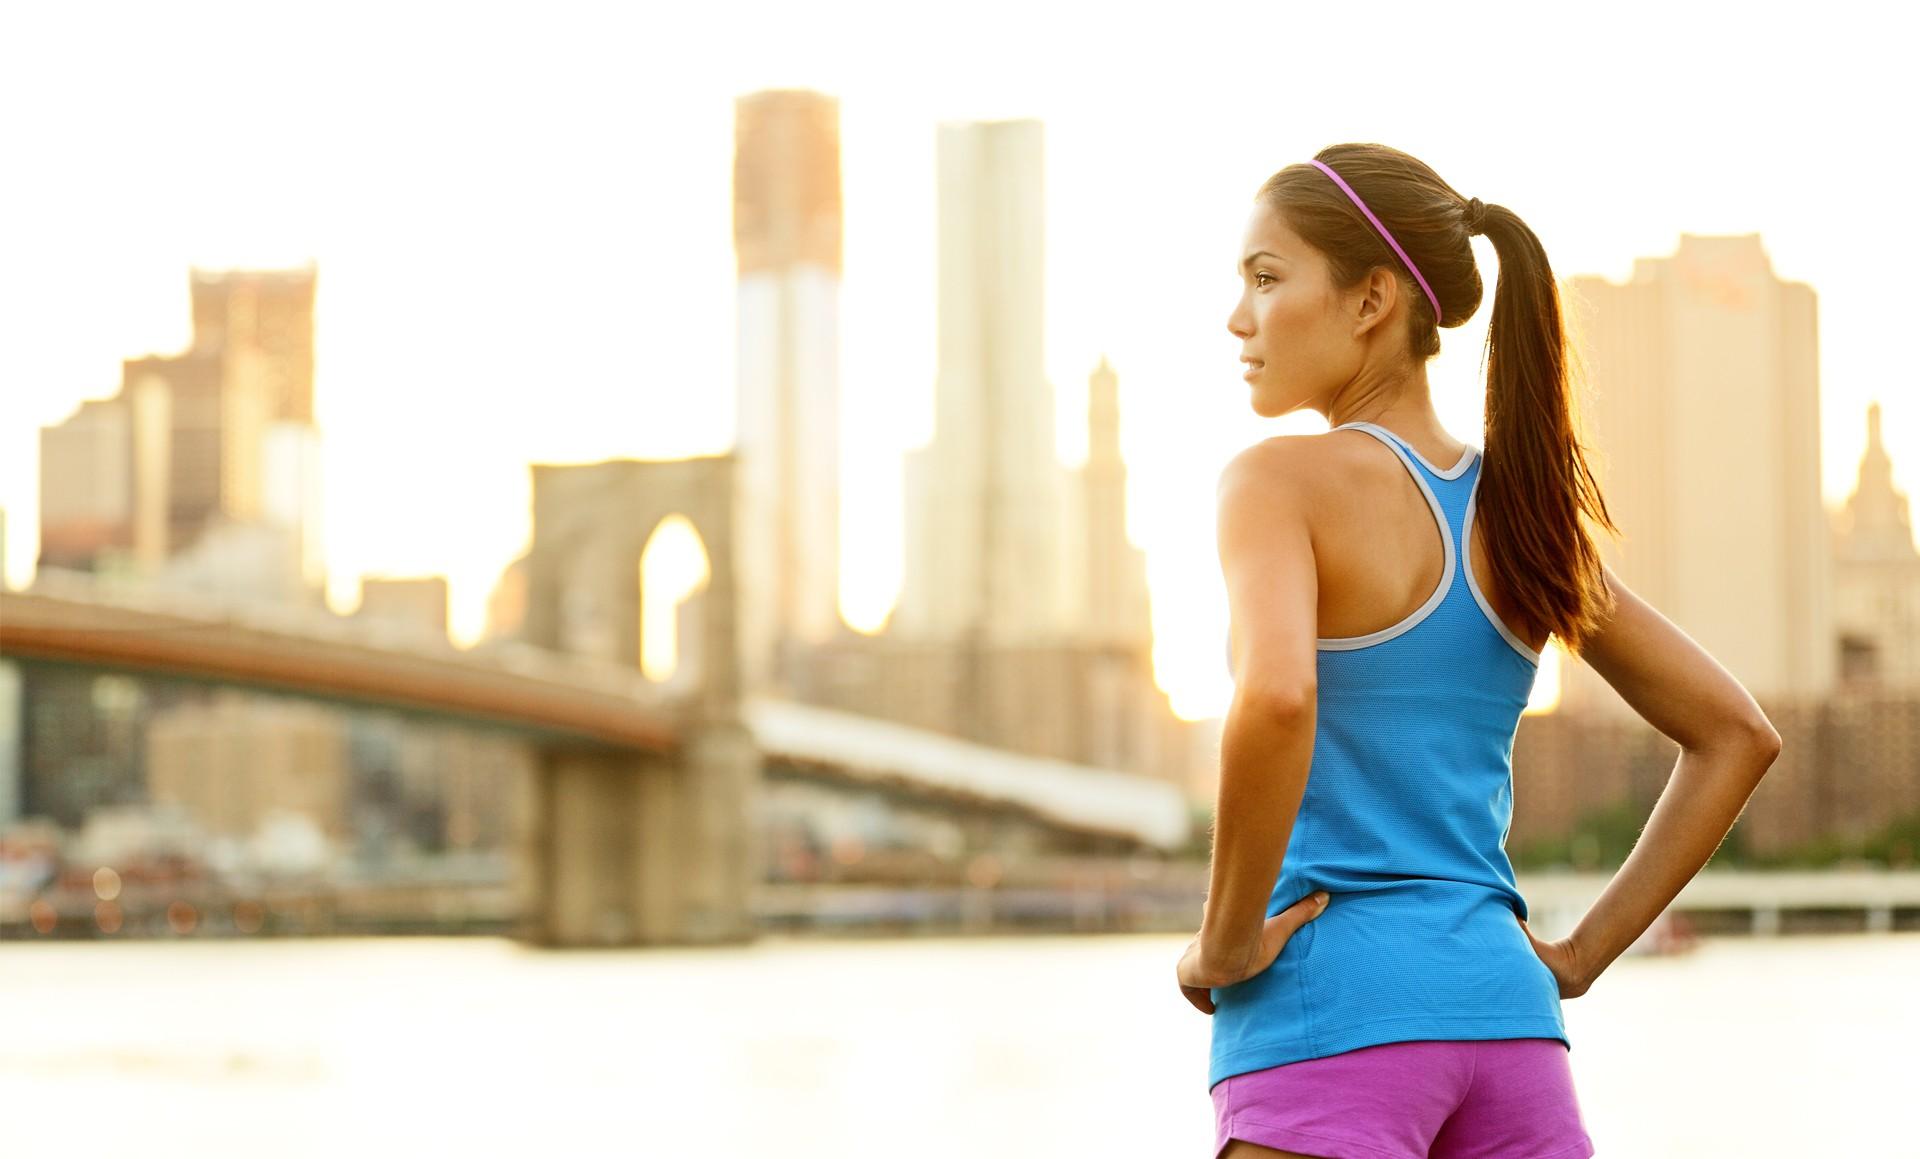 Lên kế hoạch tập gym như thế nào để đạt kết quả tốt nhất? - Ảnh 1.